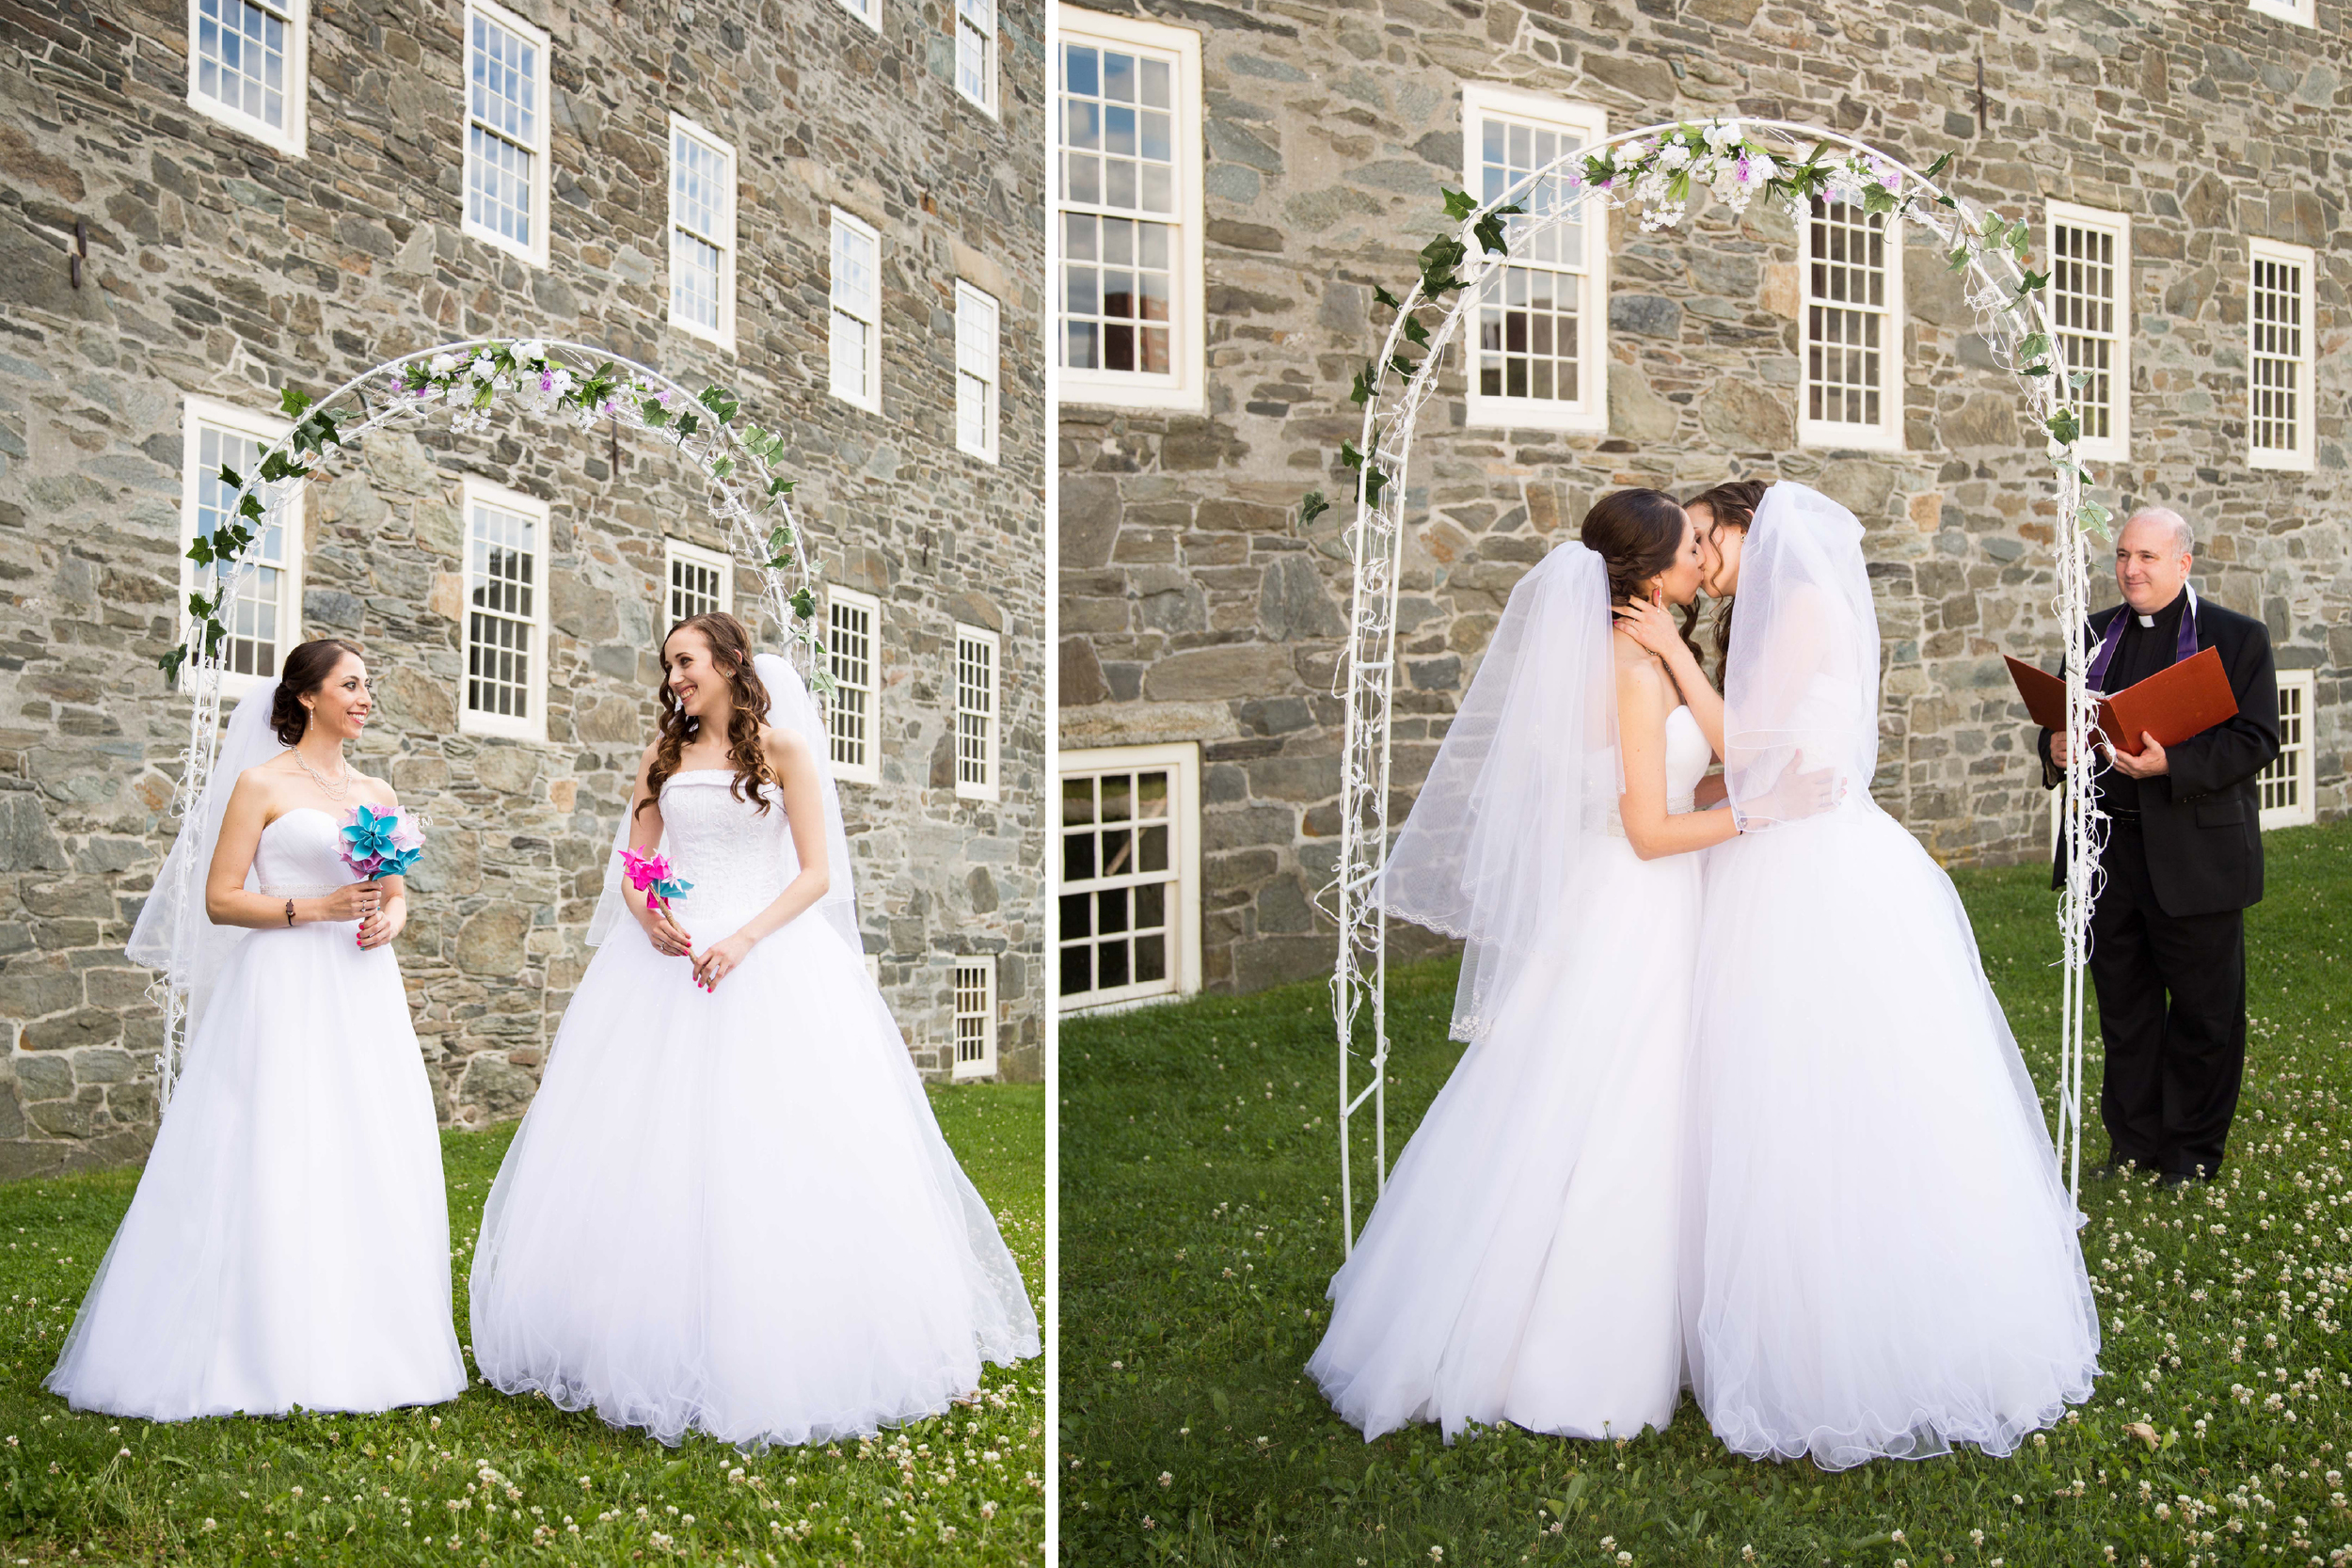 Tracy_Rodriguez_Photography_WeddingPort_LaliKati-Horz-1.jpg